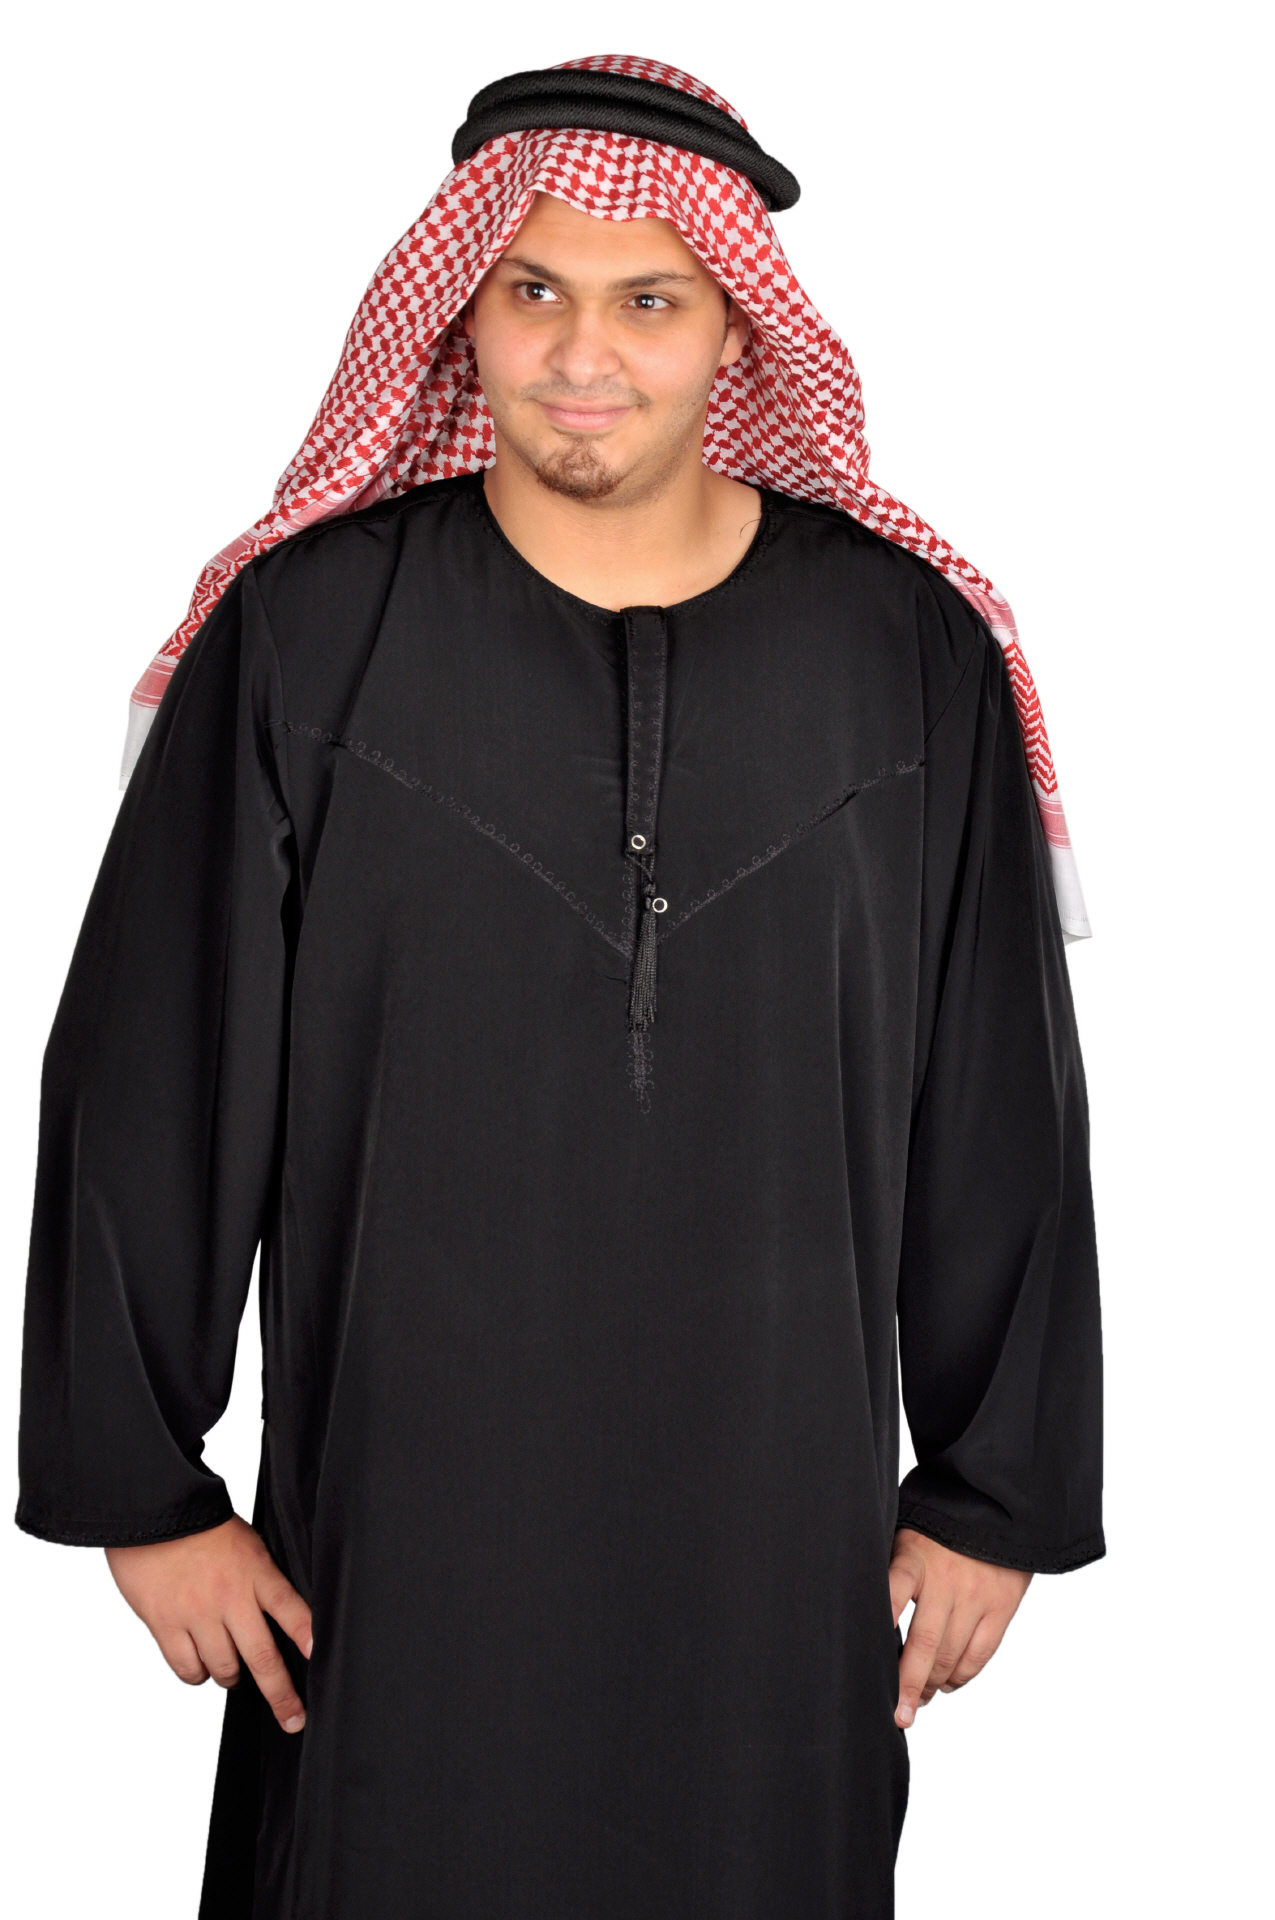 araber kost m scheichkost m herren karnevalskost m f r. Black Bedroom Furniture Sets. Home Design Ideas